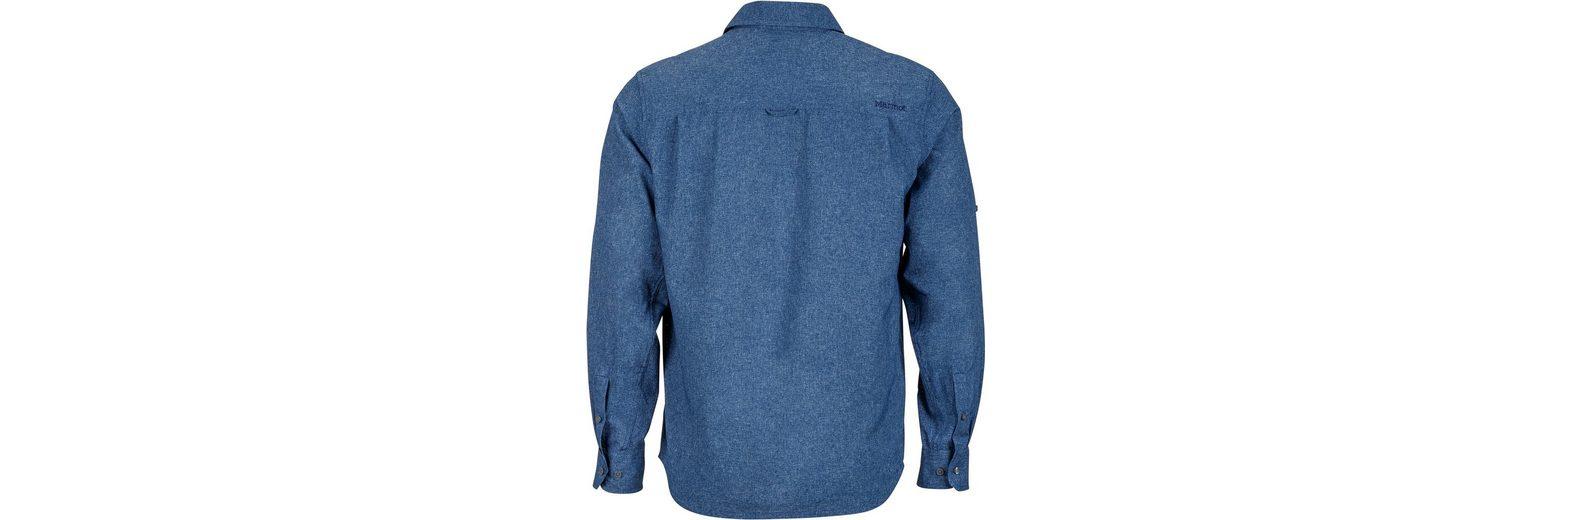 Marmot Bluse Windshear LS Shirt Men Verkauf Niedrigen Preis Versandgebühr Rabatt Original 5CdjWvU